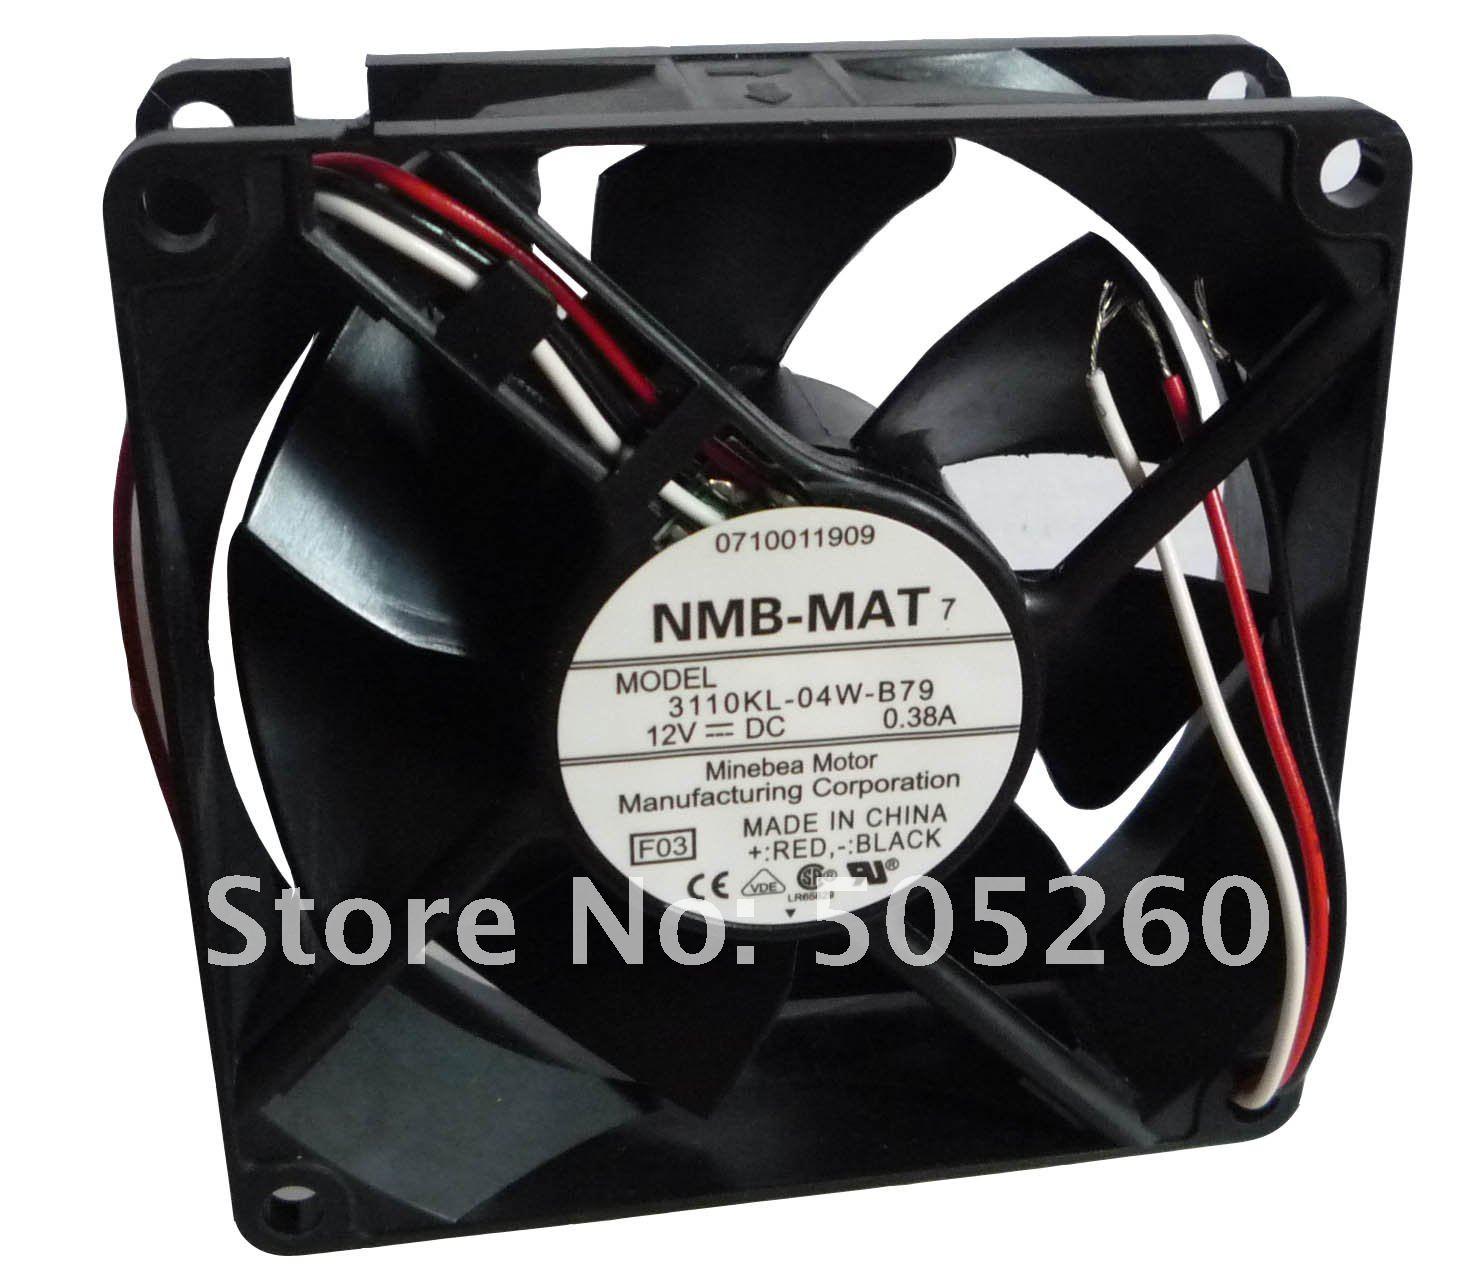 NMB 100%מקורי חדש** 8025 DC12V 0.38 לי 3110KL-04W-B79 F03 3wire אות אזעקה מאוורר קירור